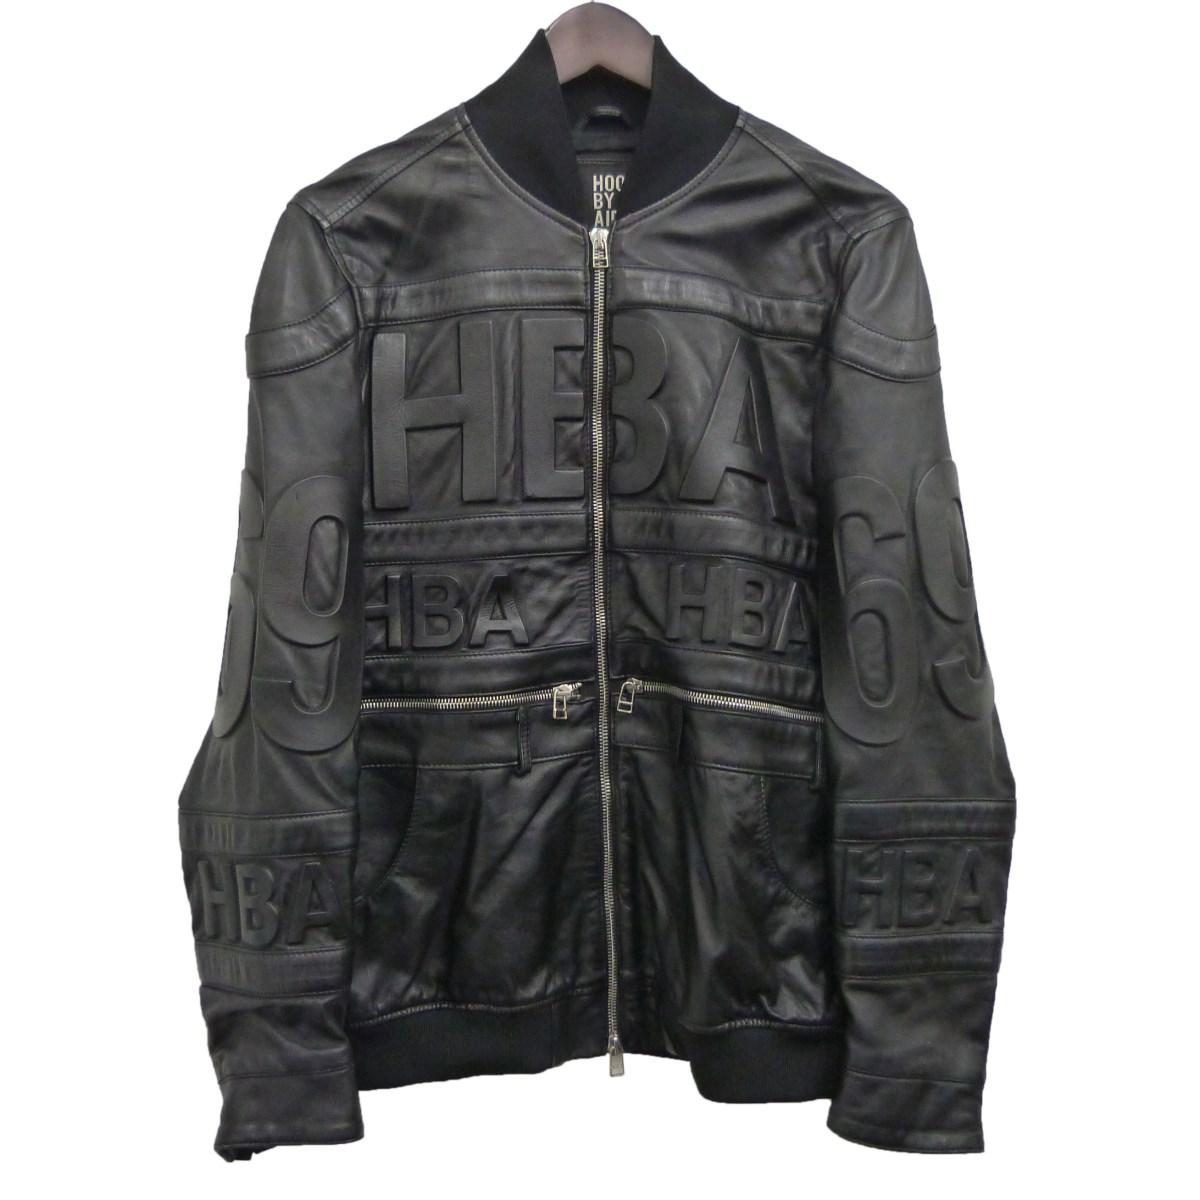 【中古】HOOD BY AIR レザーライダースジャケット ブラック サイズ:M 【200220】(フードバイエアー)